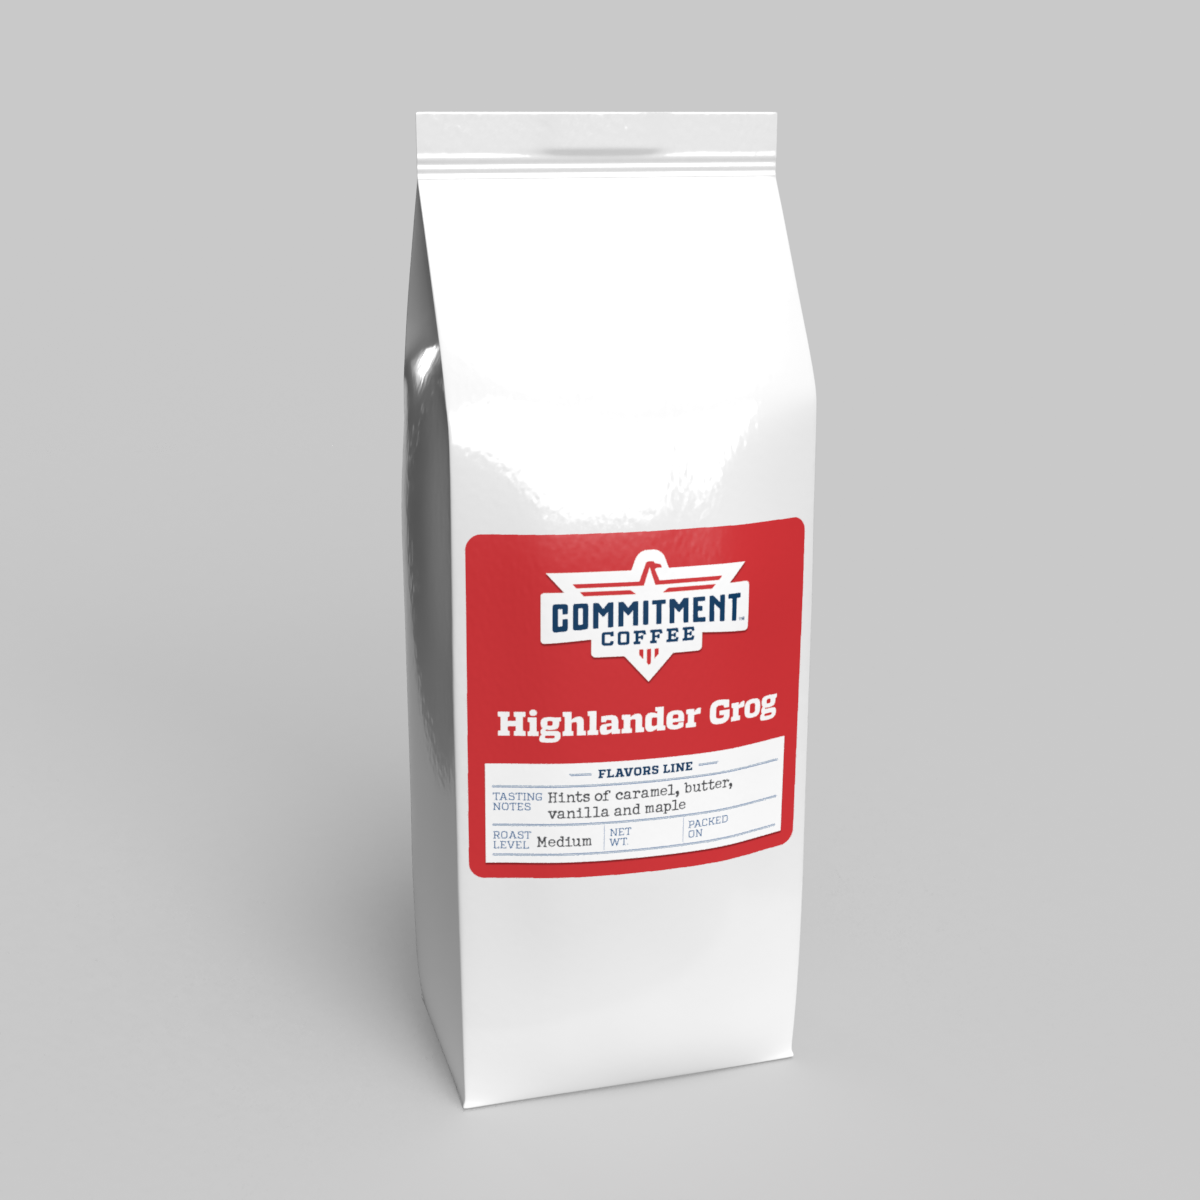 highlander-grog-flavored-coffee-12-oz-bag